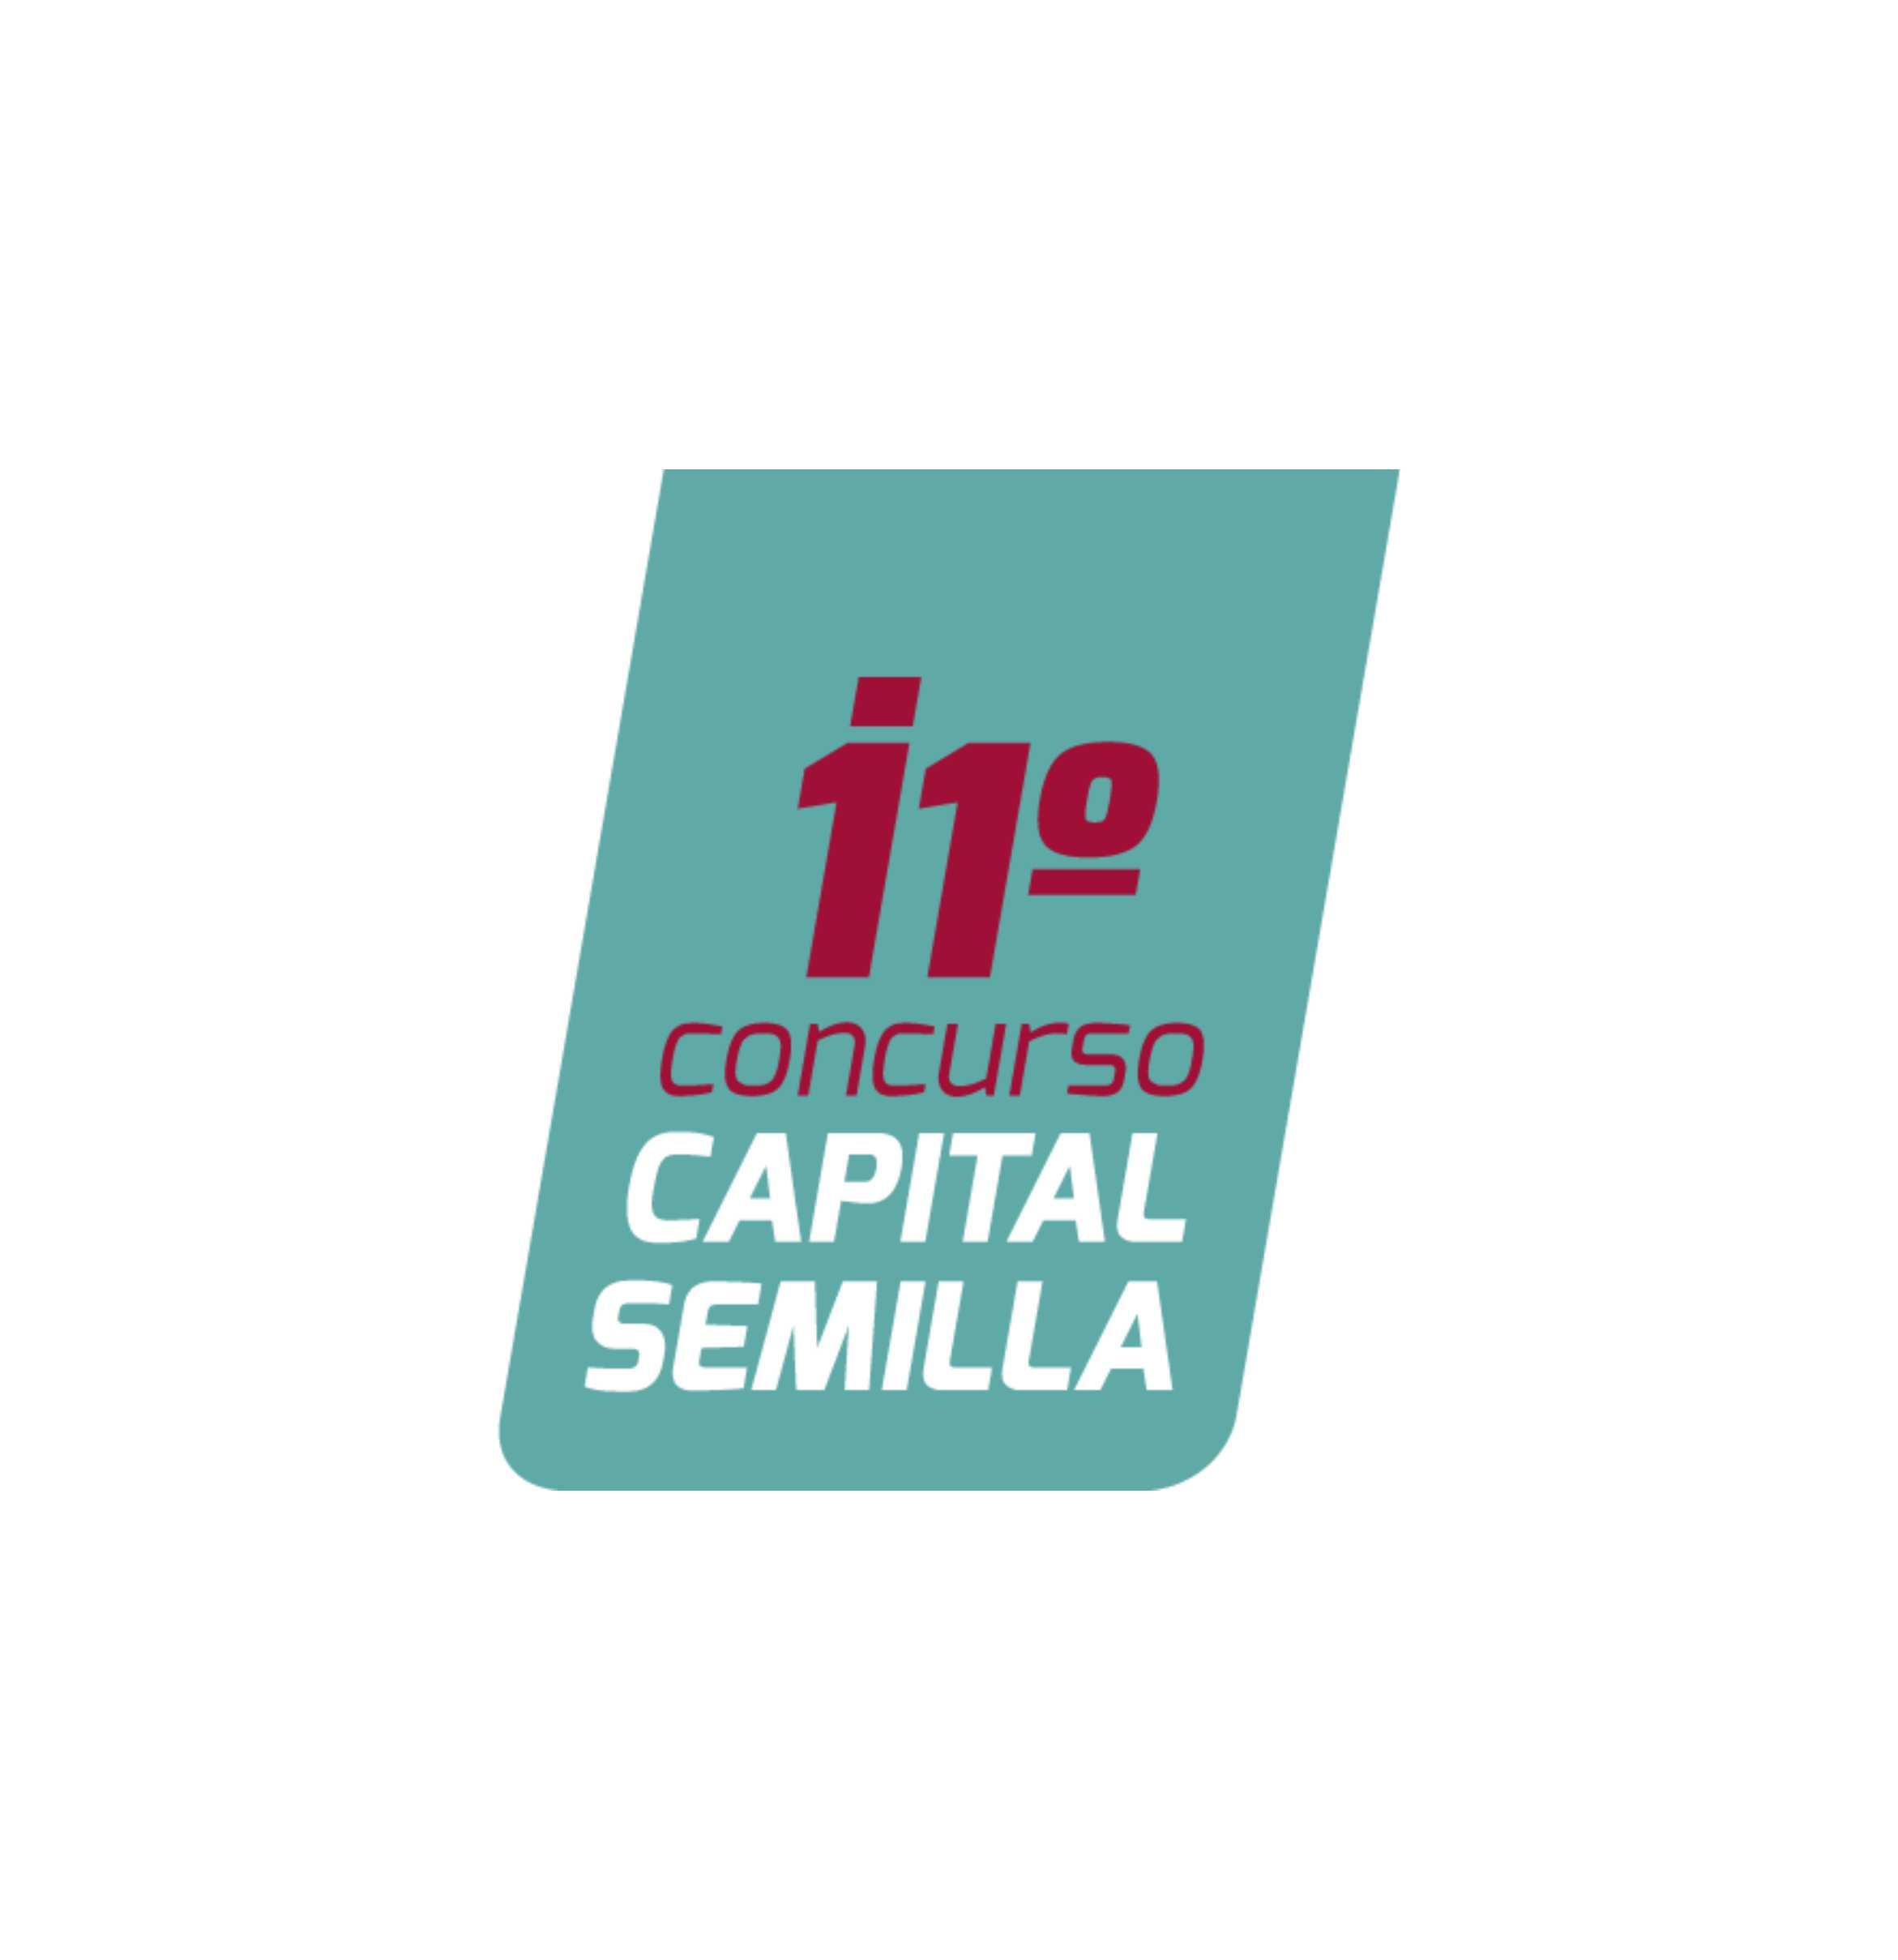 Concurso Capital Semilla